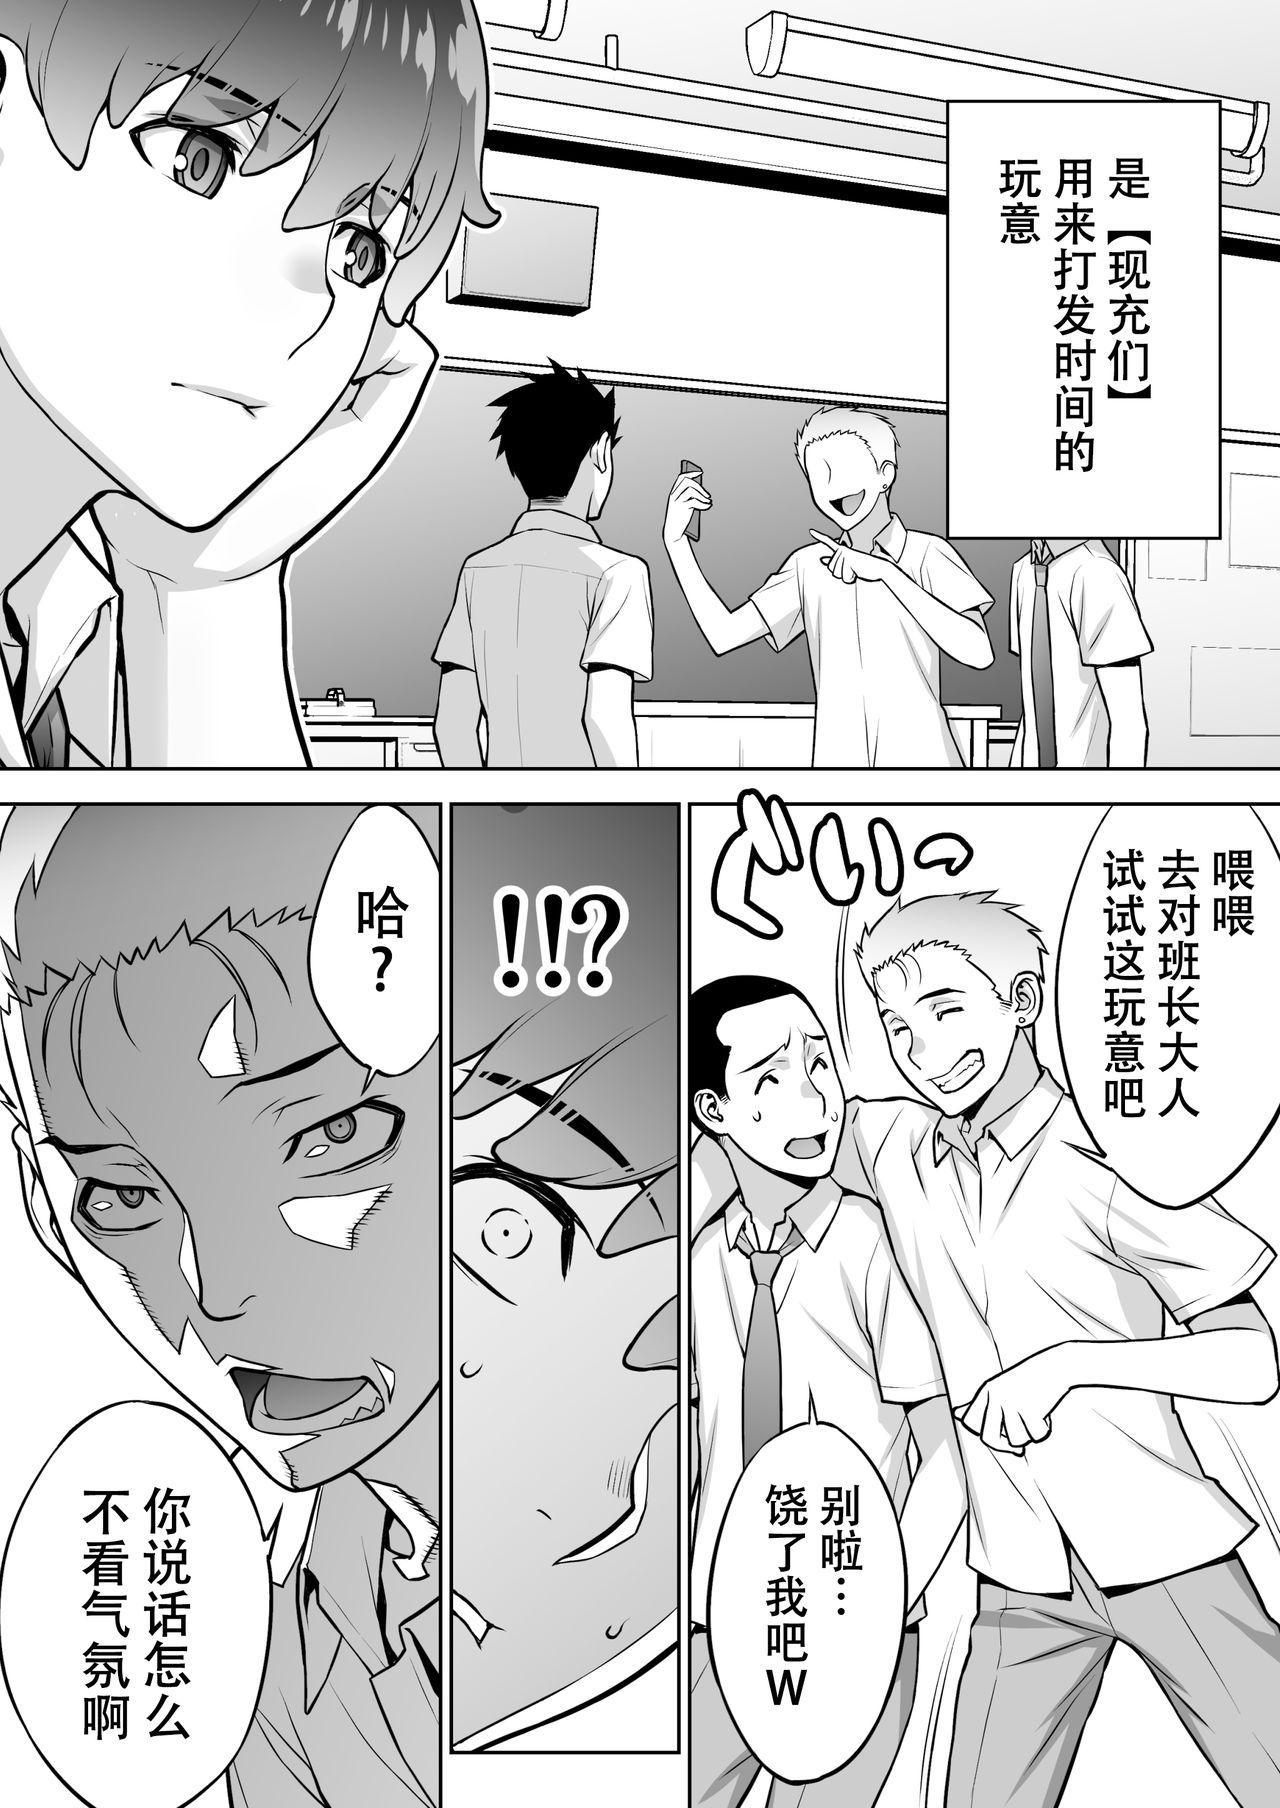 Iinchou wa Saimin Appli o Shinjiteru. 10